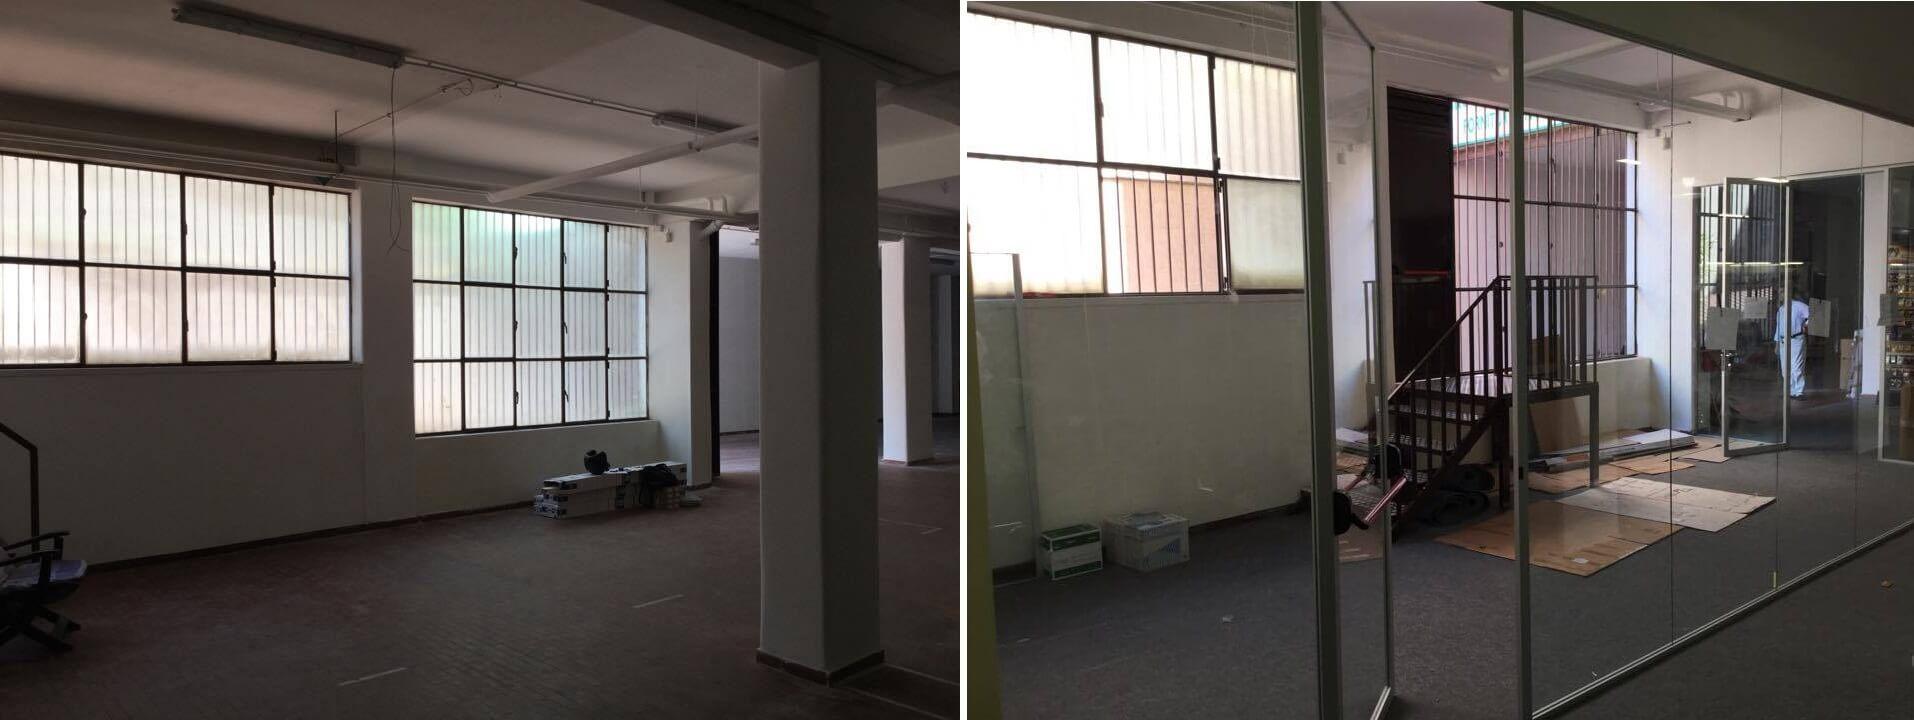 Realizzazione pareti monovetro – Gruppo Smau (1)